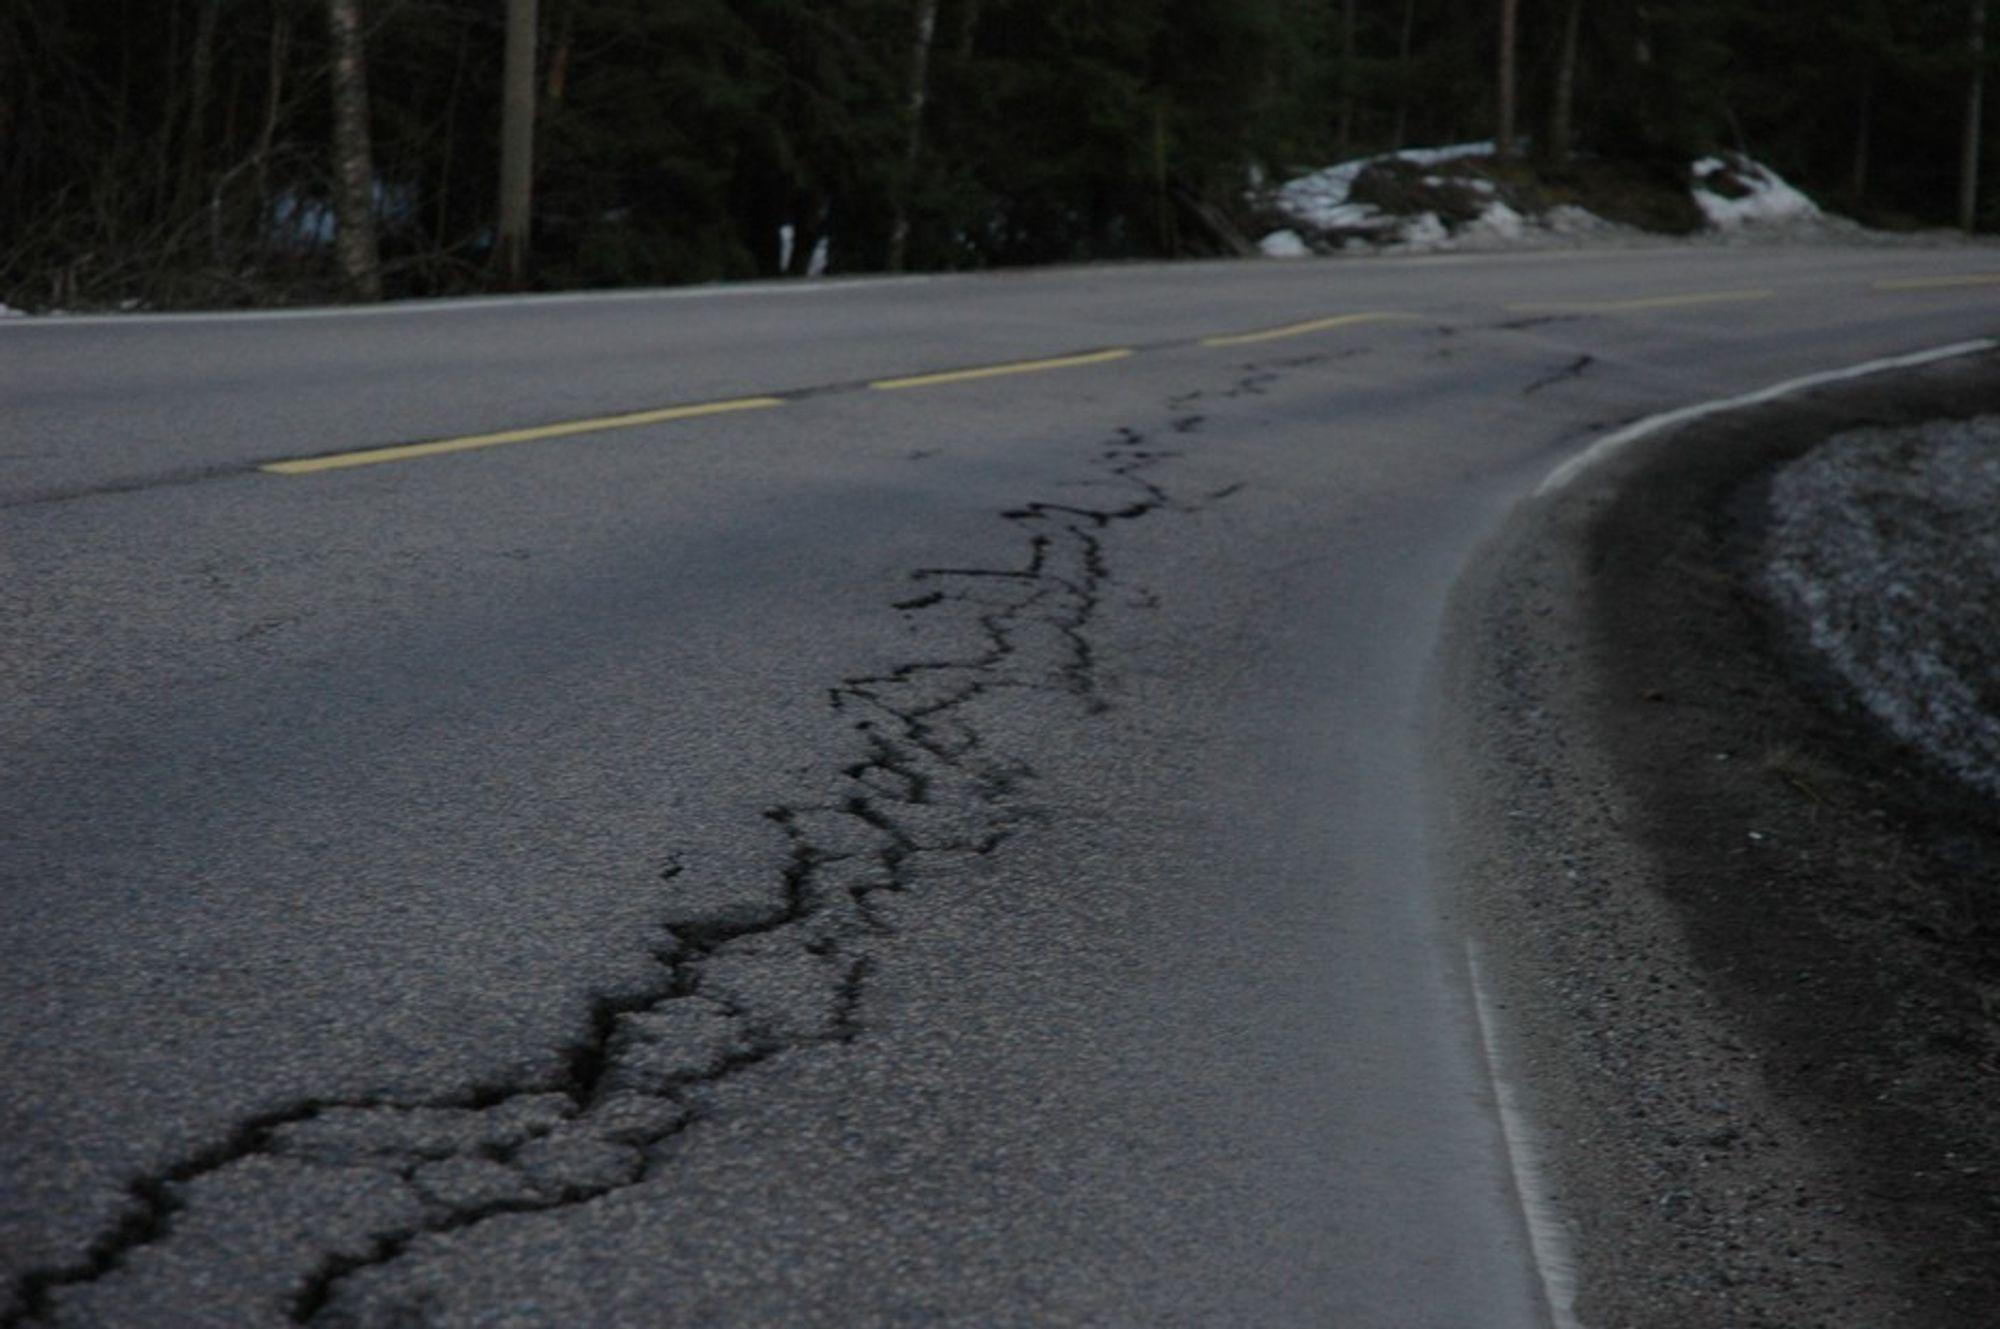 NYTTIG: I Norge har vi et stort antall veier med dårlig asfalt. Nå spørs det om dansk forskning fører til nye løsninger som også kan benyttes her.